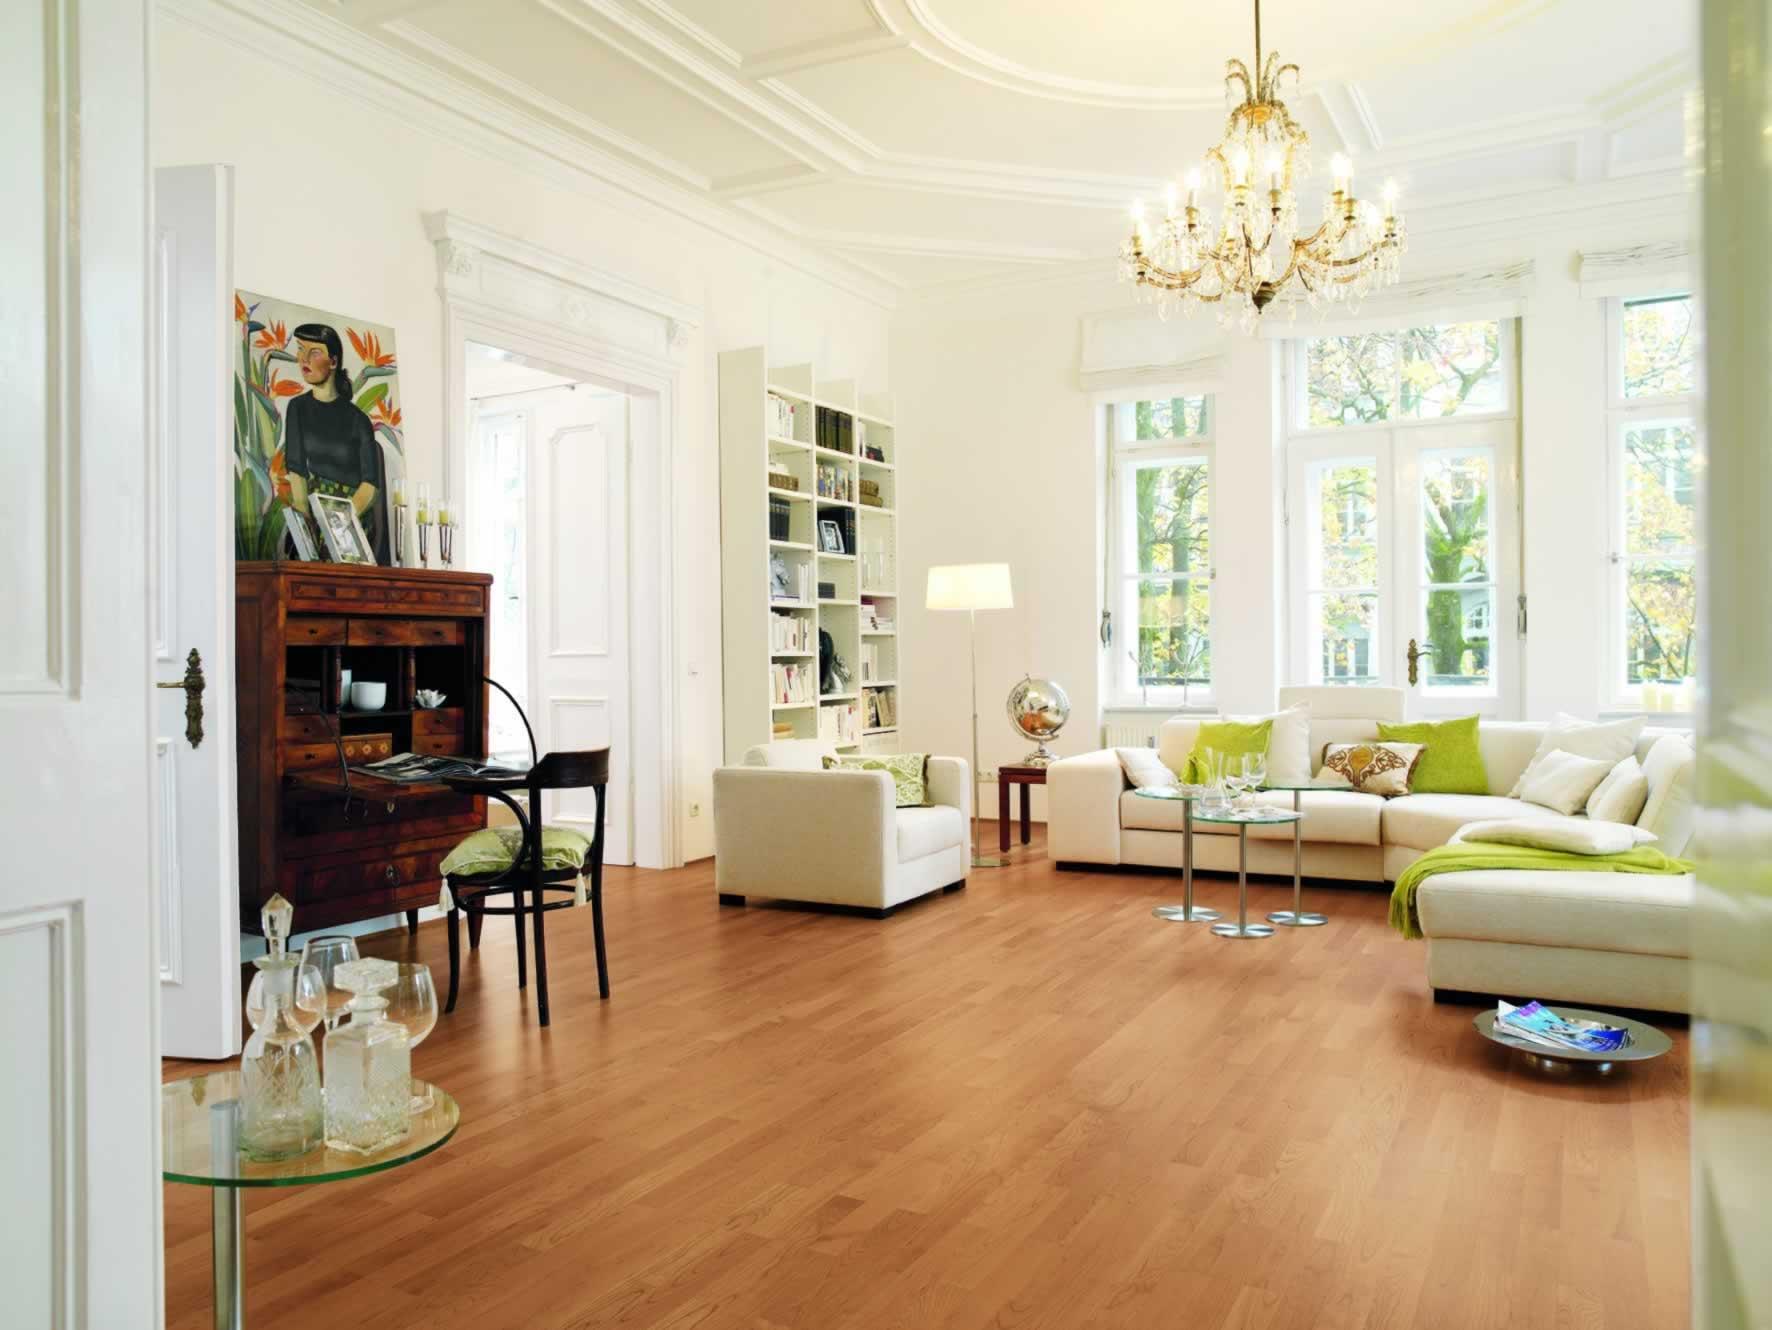 Acheter un appartement : les biens immobiliers les plus fiables